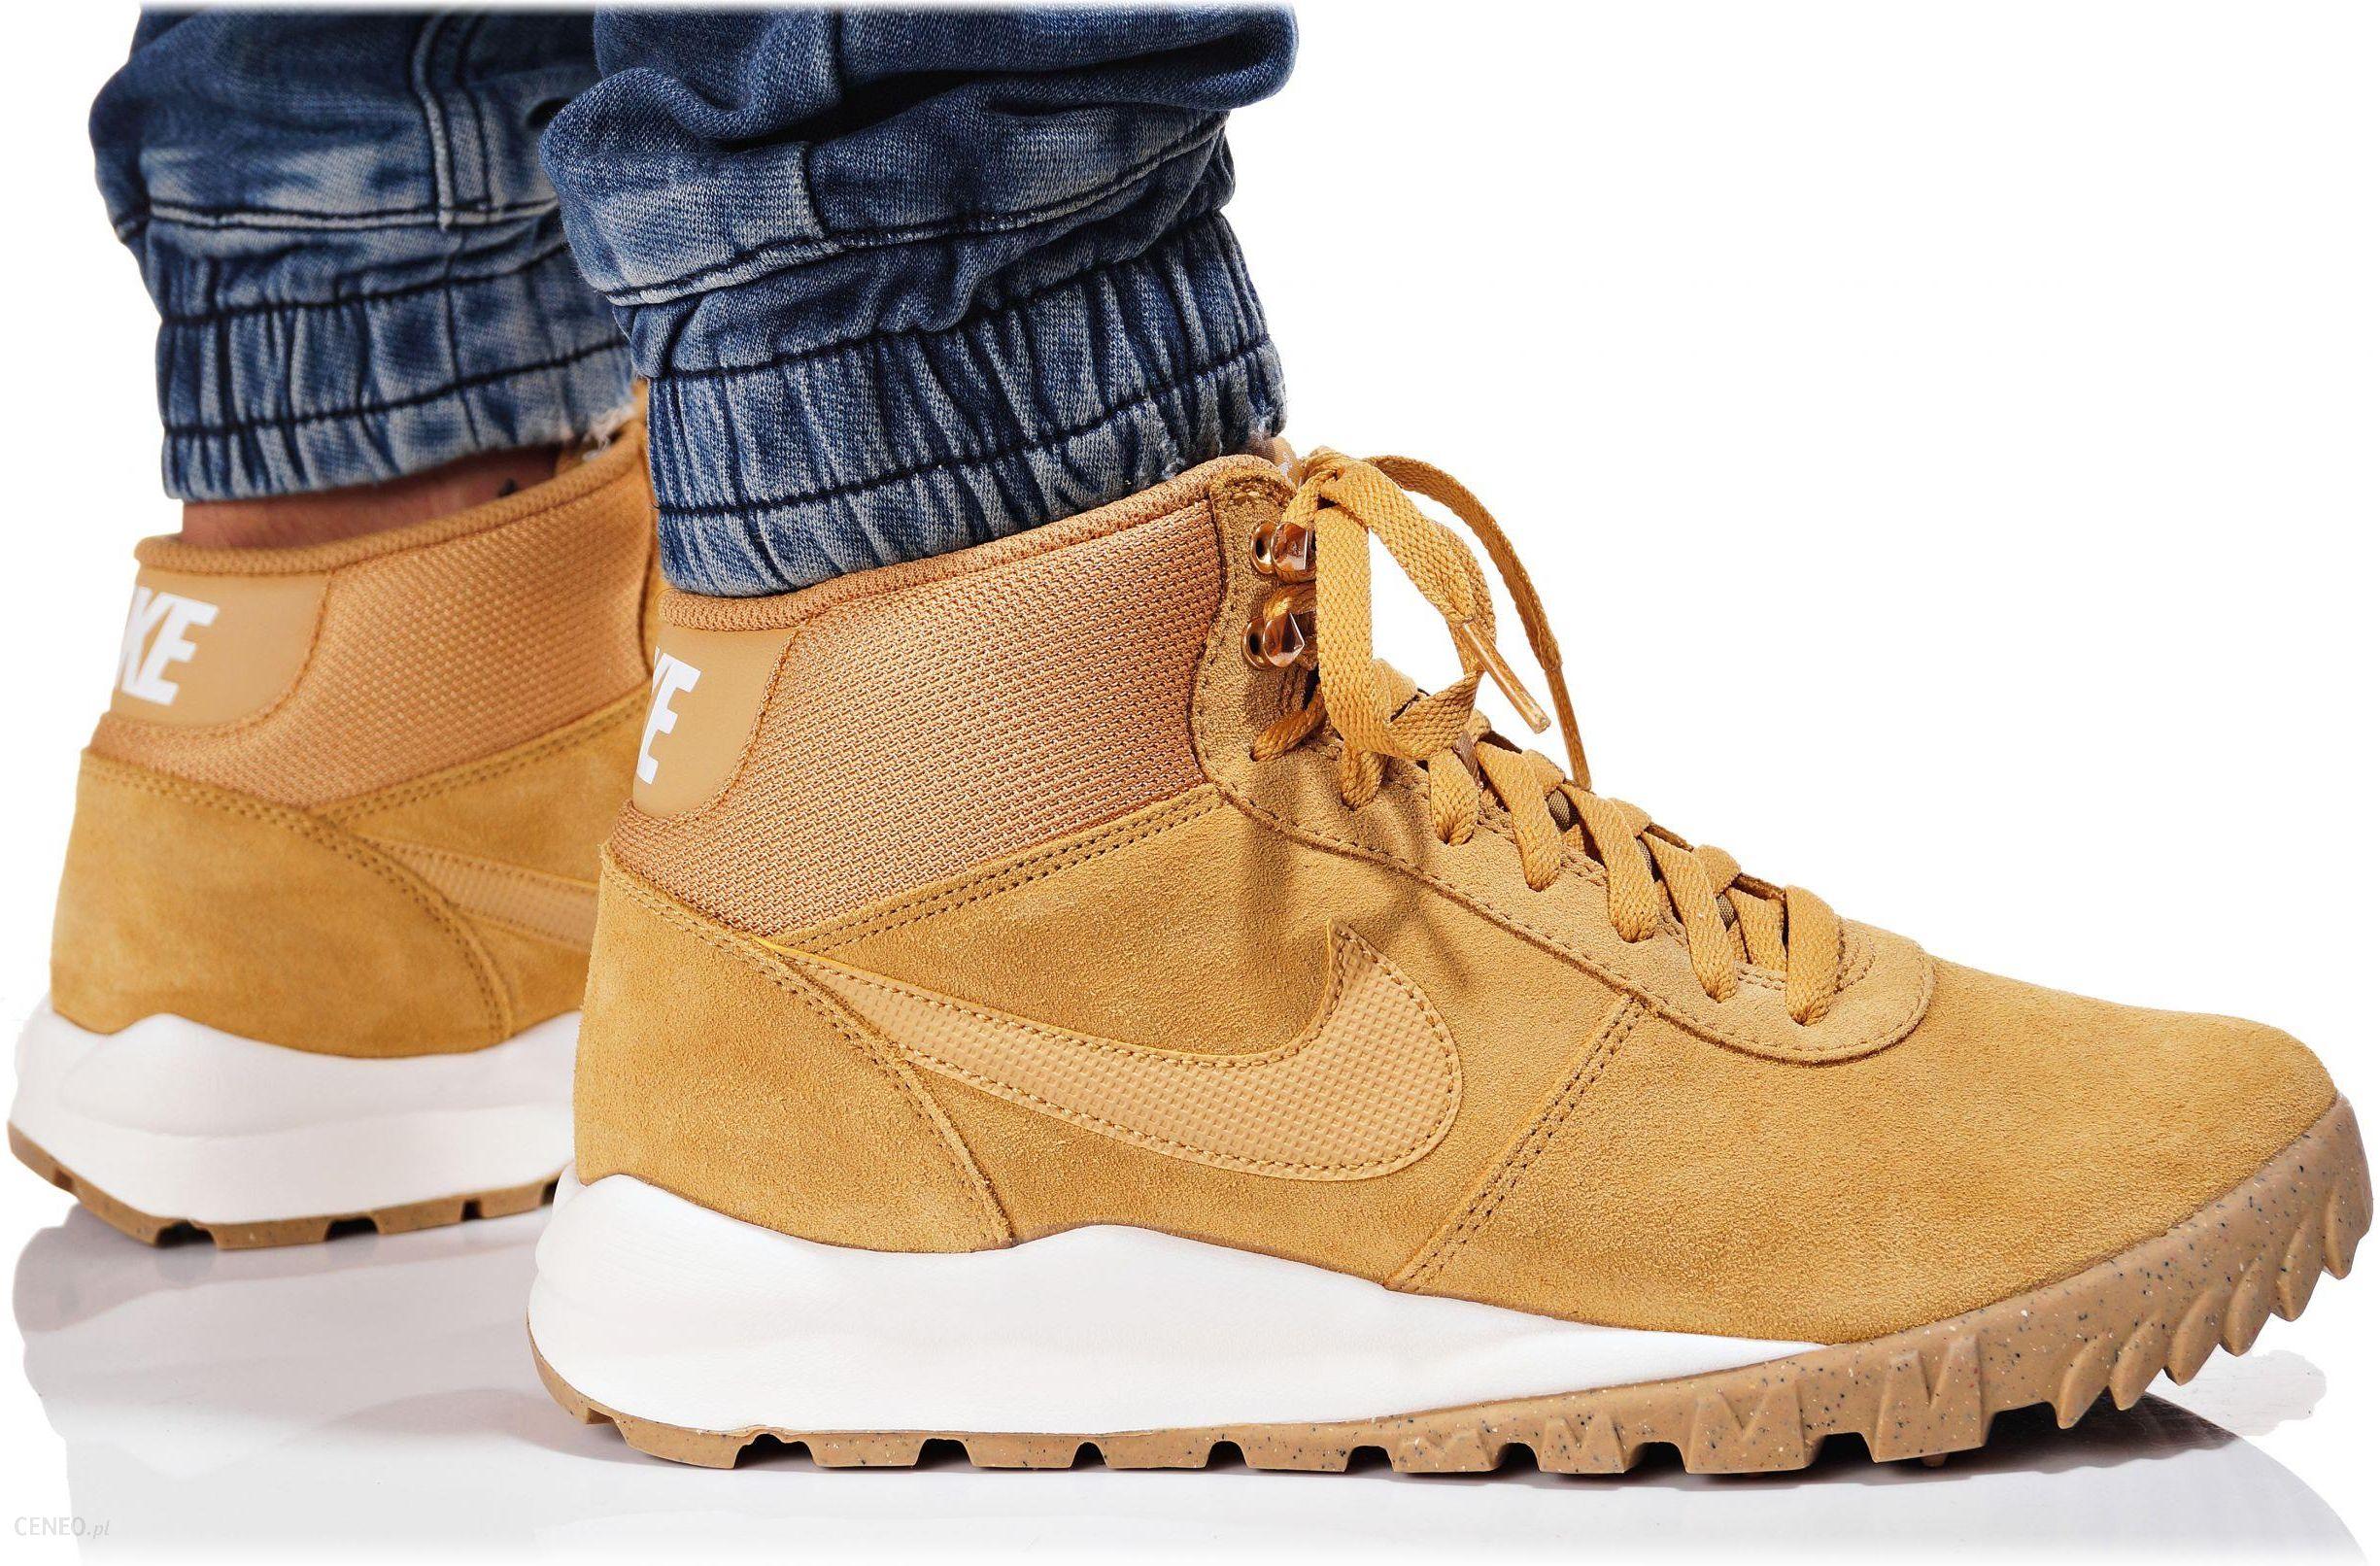 quality design 0b5f9 6ca10 buty nike zimowe angebote Darmowa dostawa!